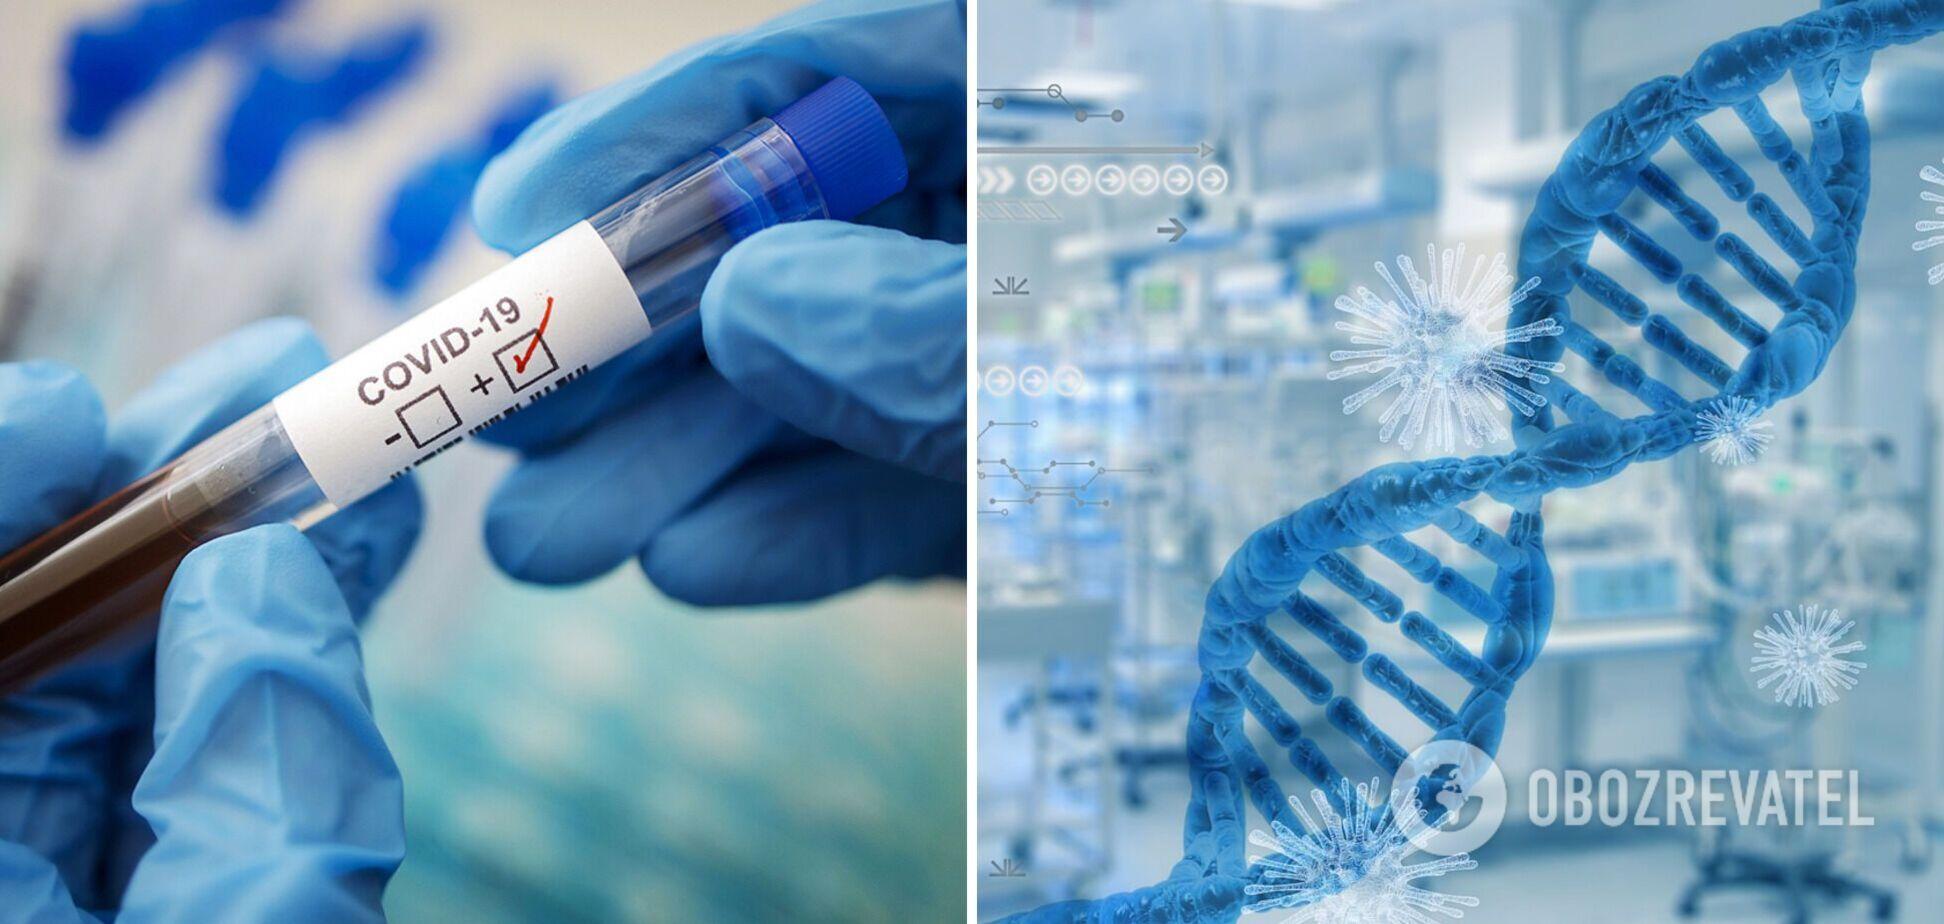 Українці назвали боротьбу з коронавірусом провальною – опитування